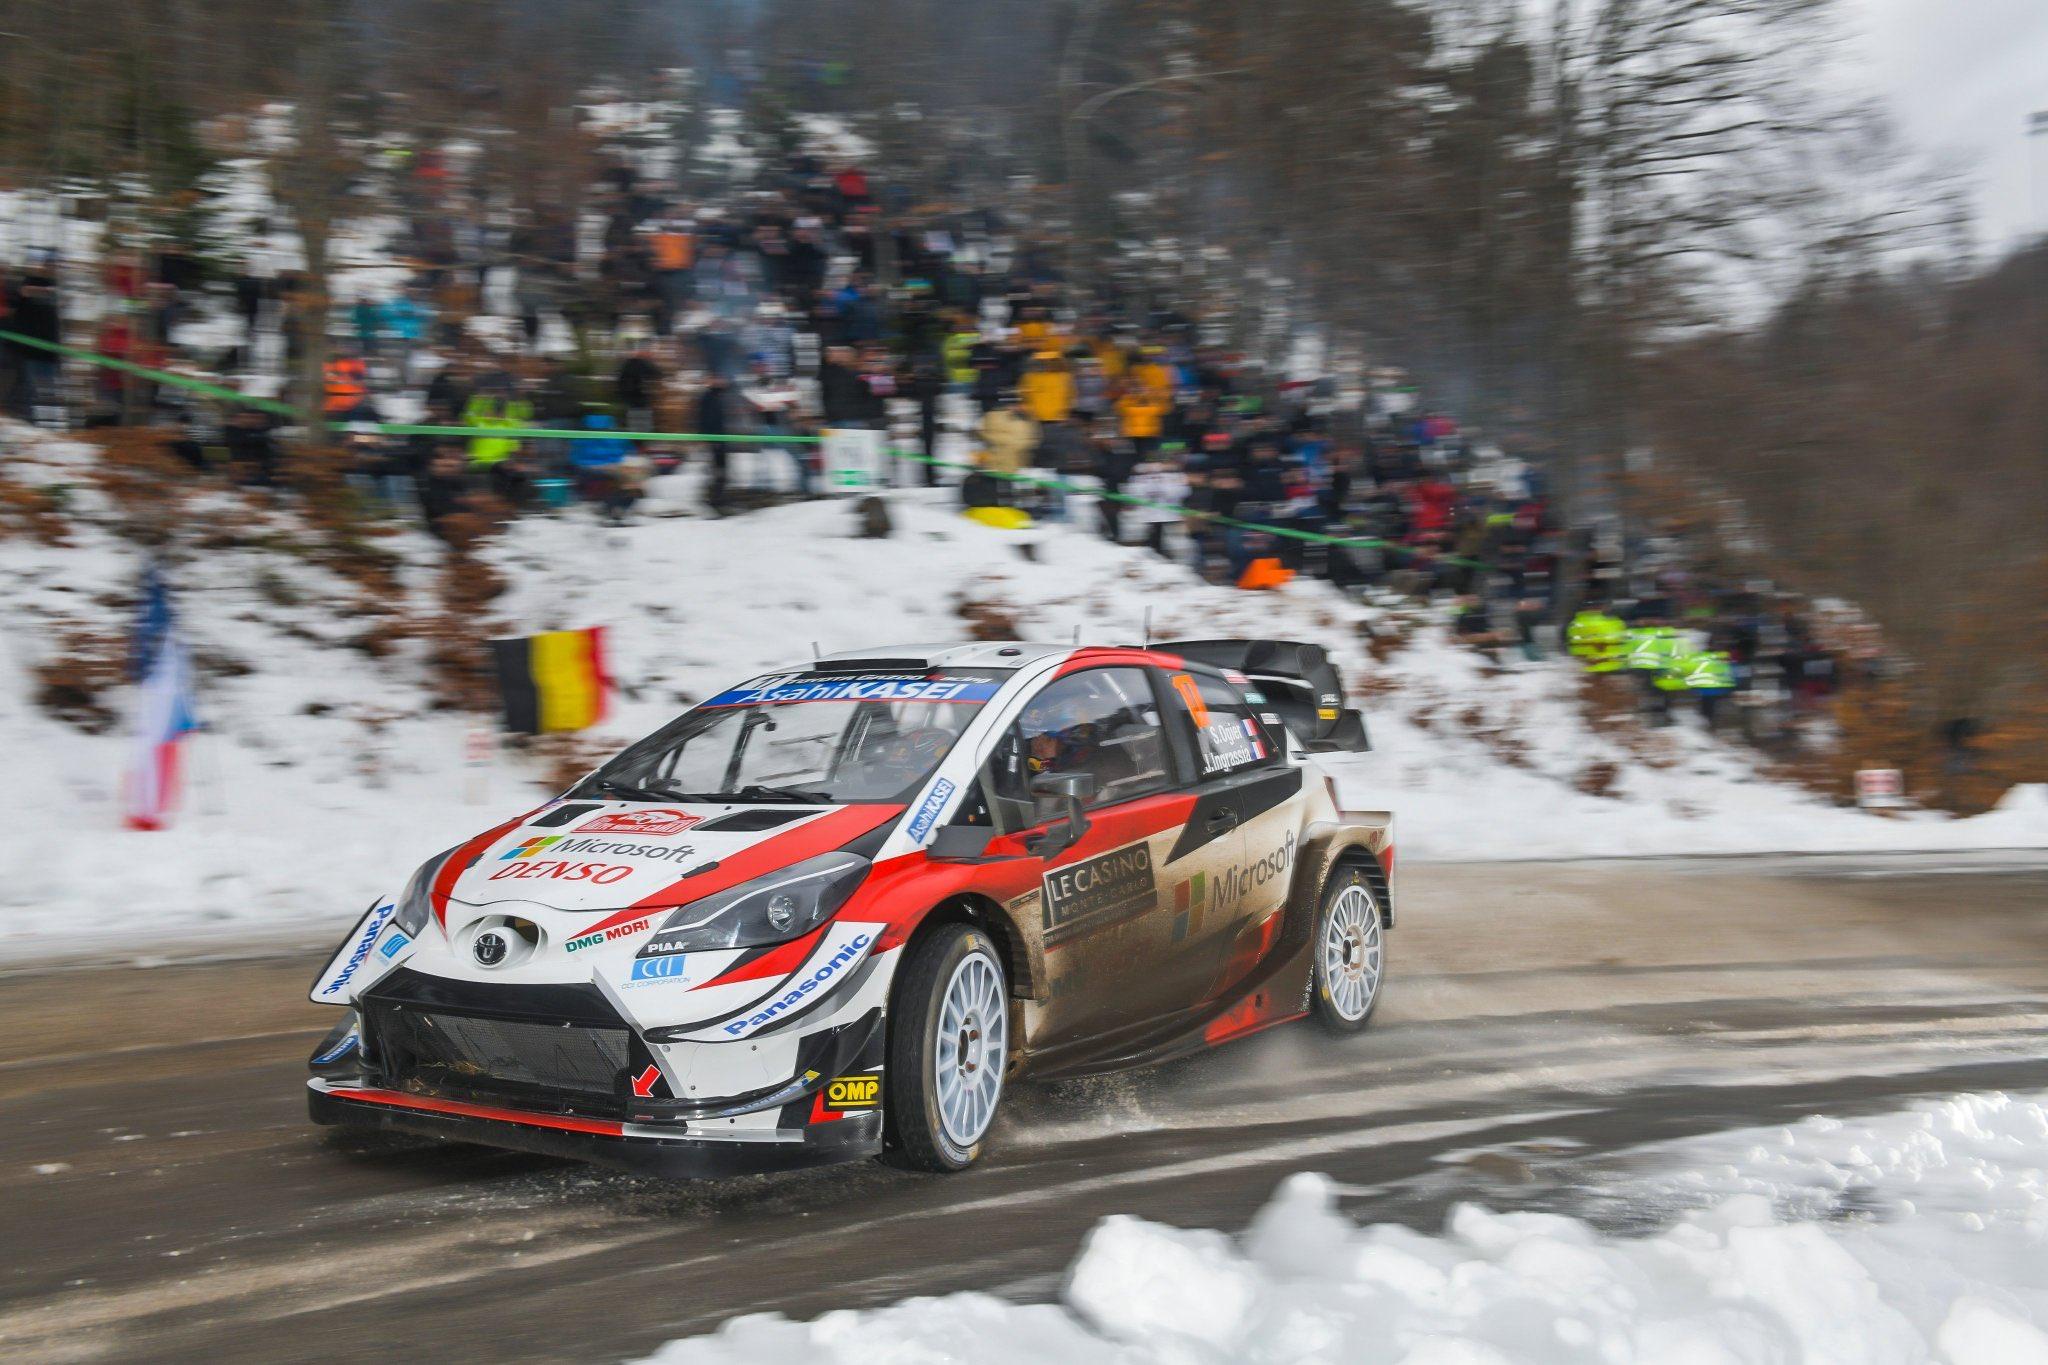 WRC: 88º Rallye Automobile de Monte-Carlo [20-26 de Enero] - Página 11 EPI4ywiXUAAmb2J?format=jpg&name=4096x4096